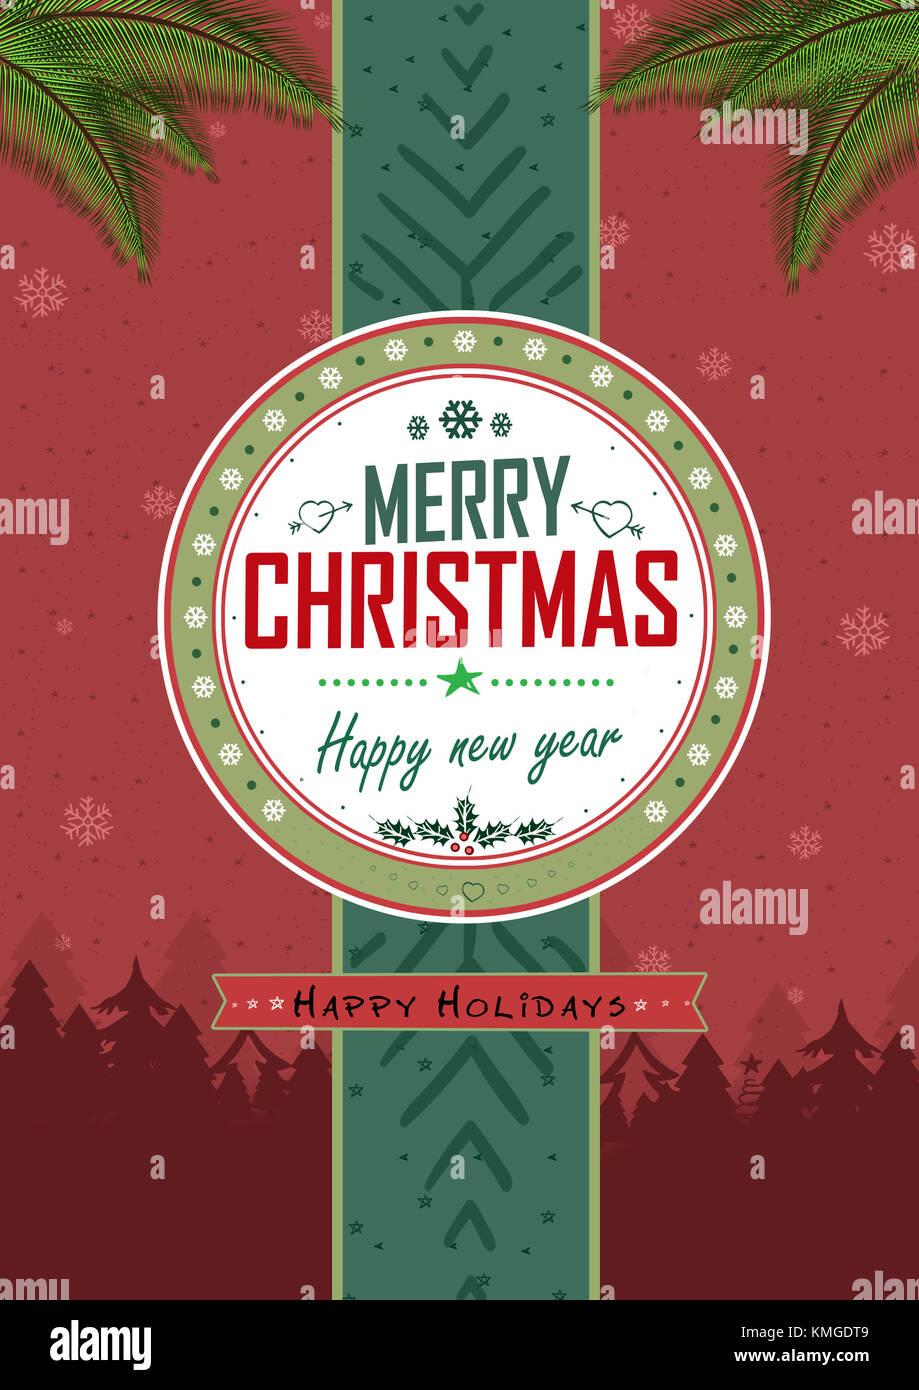 Creative Banner Design Christmas Party Stock Photos & Creative ...